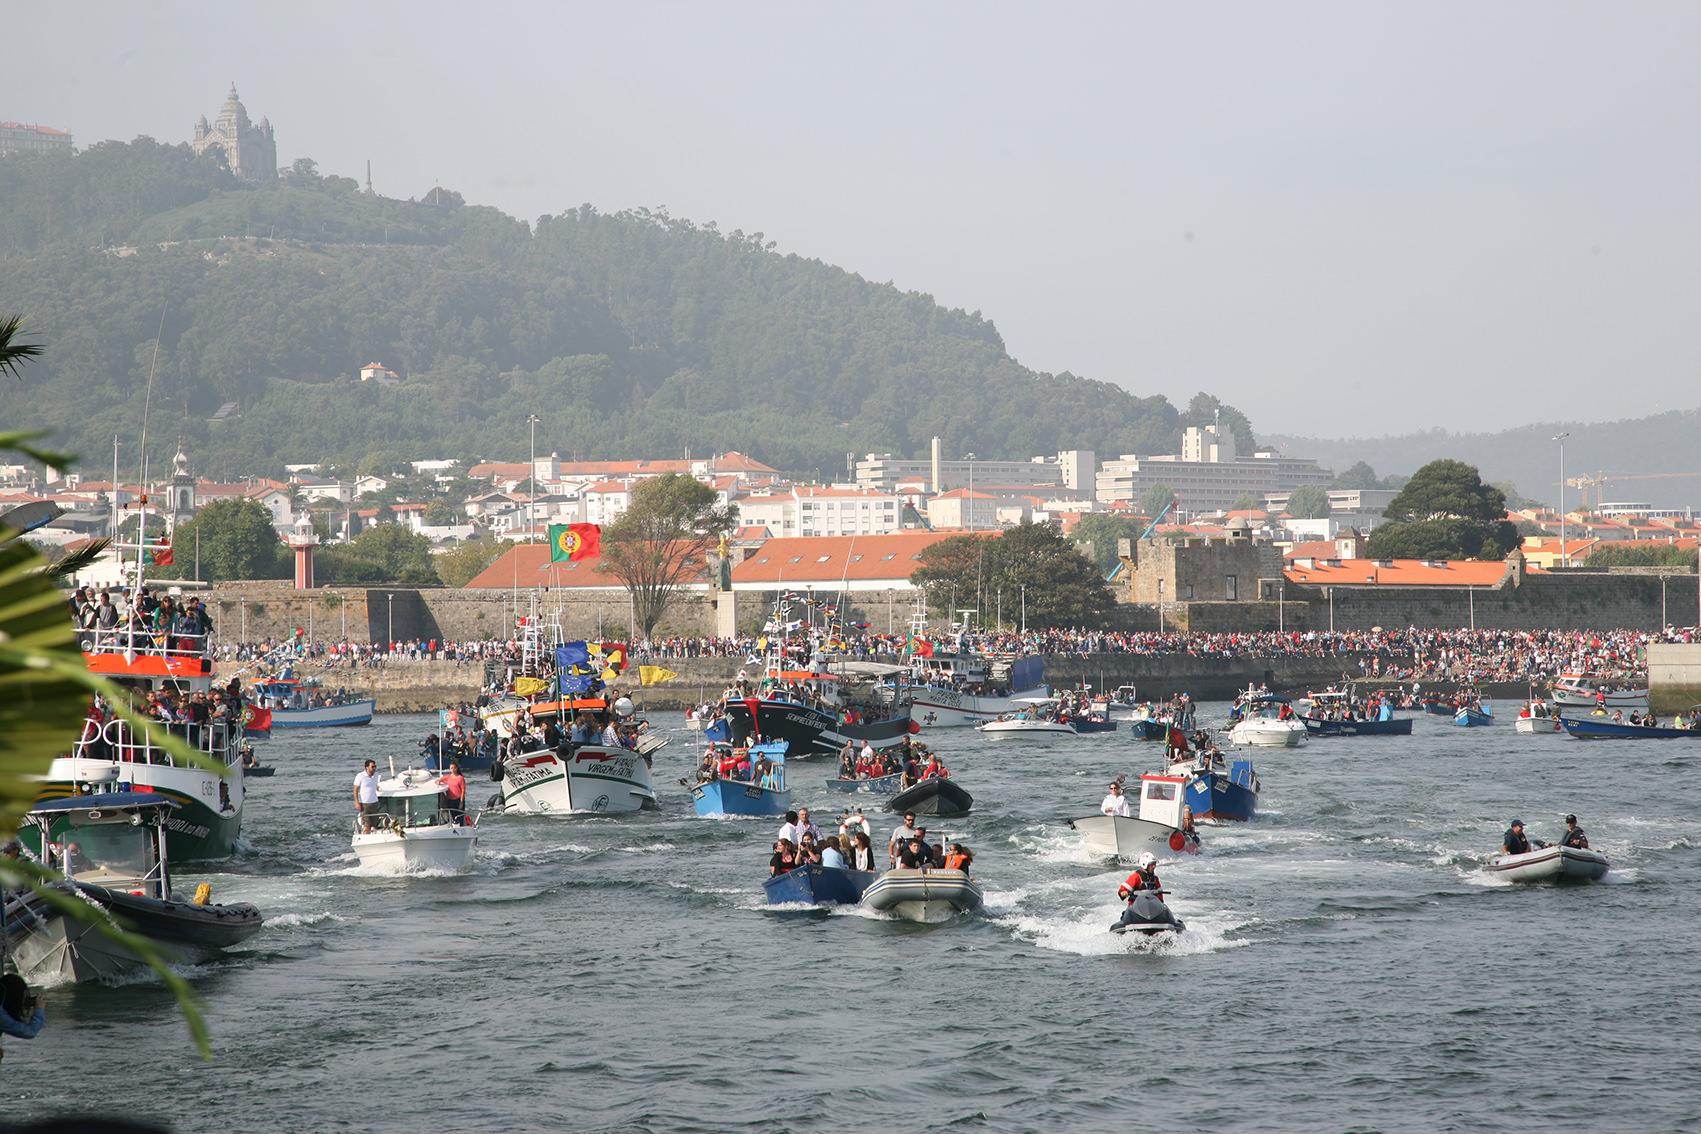 Cinquenta anos de procissão ao mar em exposição na ribeira de Viana do Castelo